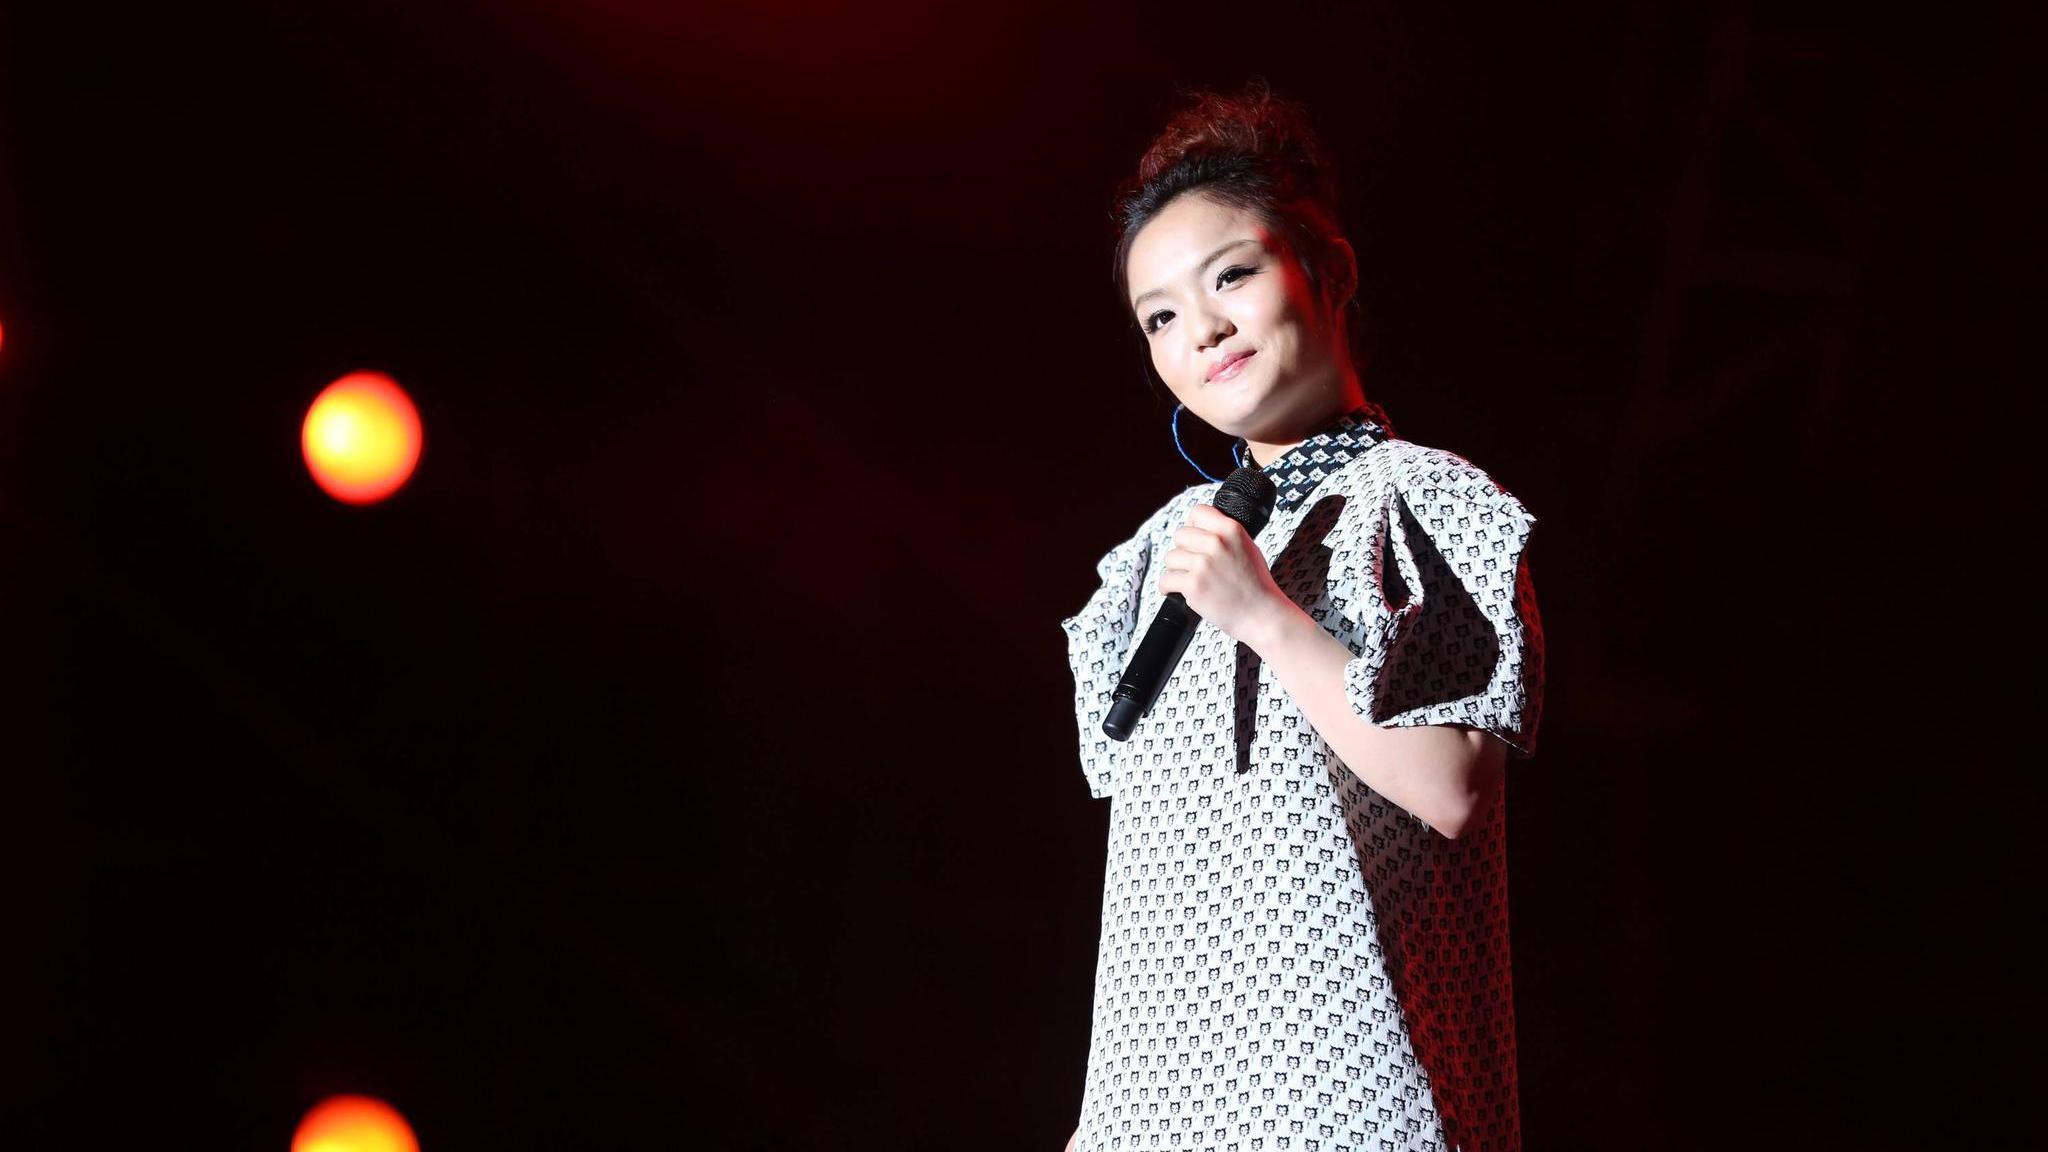 徐佳莹翻唱五月天歌曲《突然好想你》,听得很感动,比原唱都好听